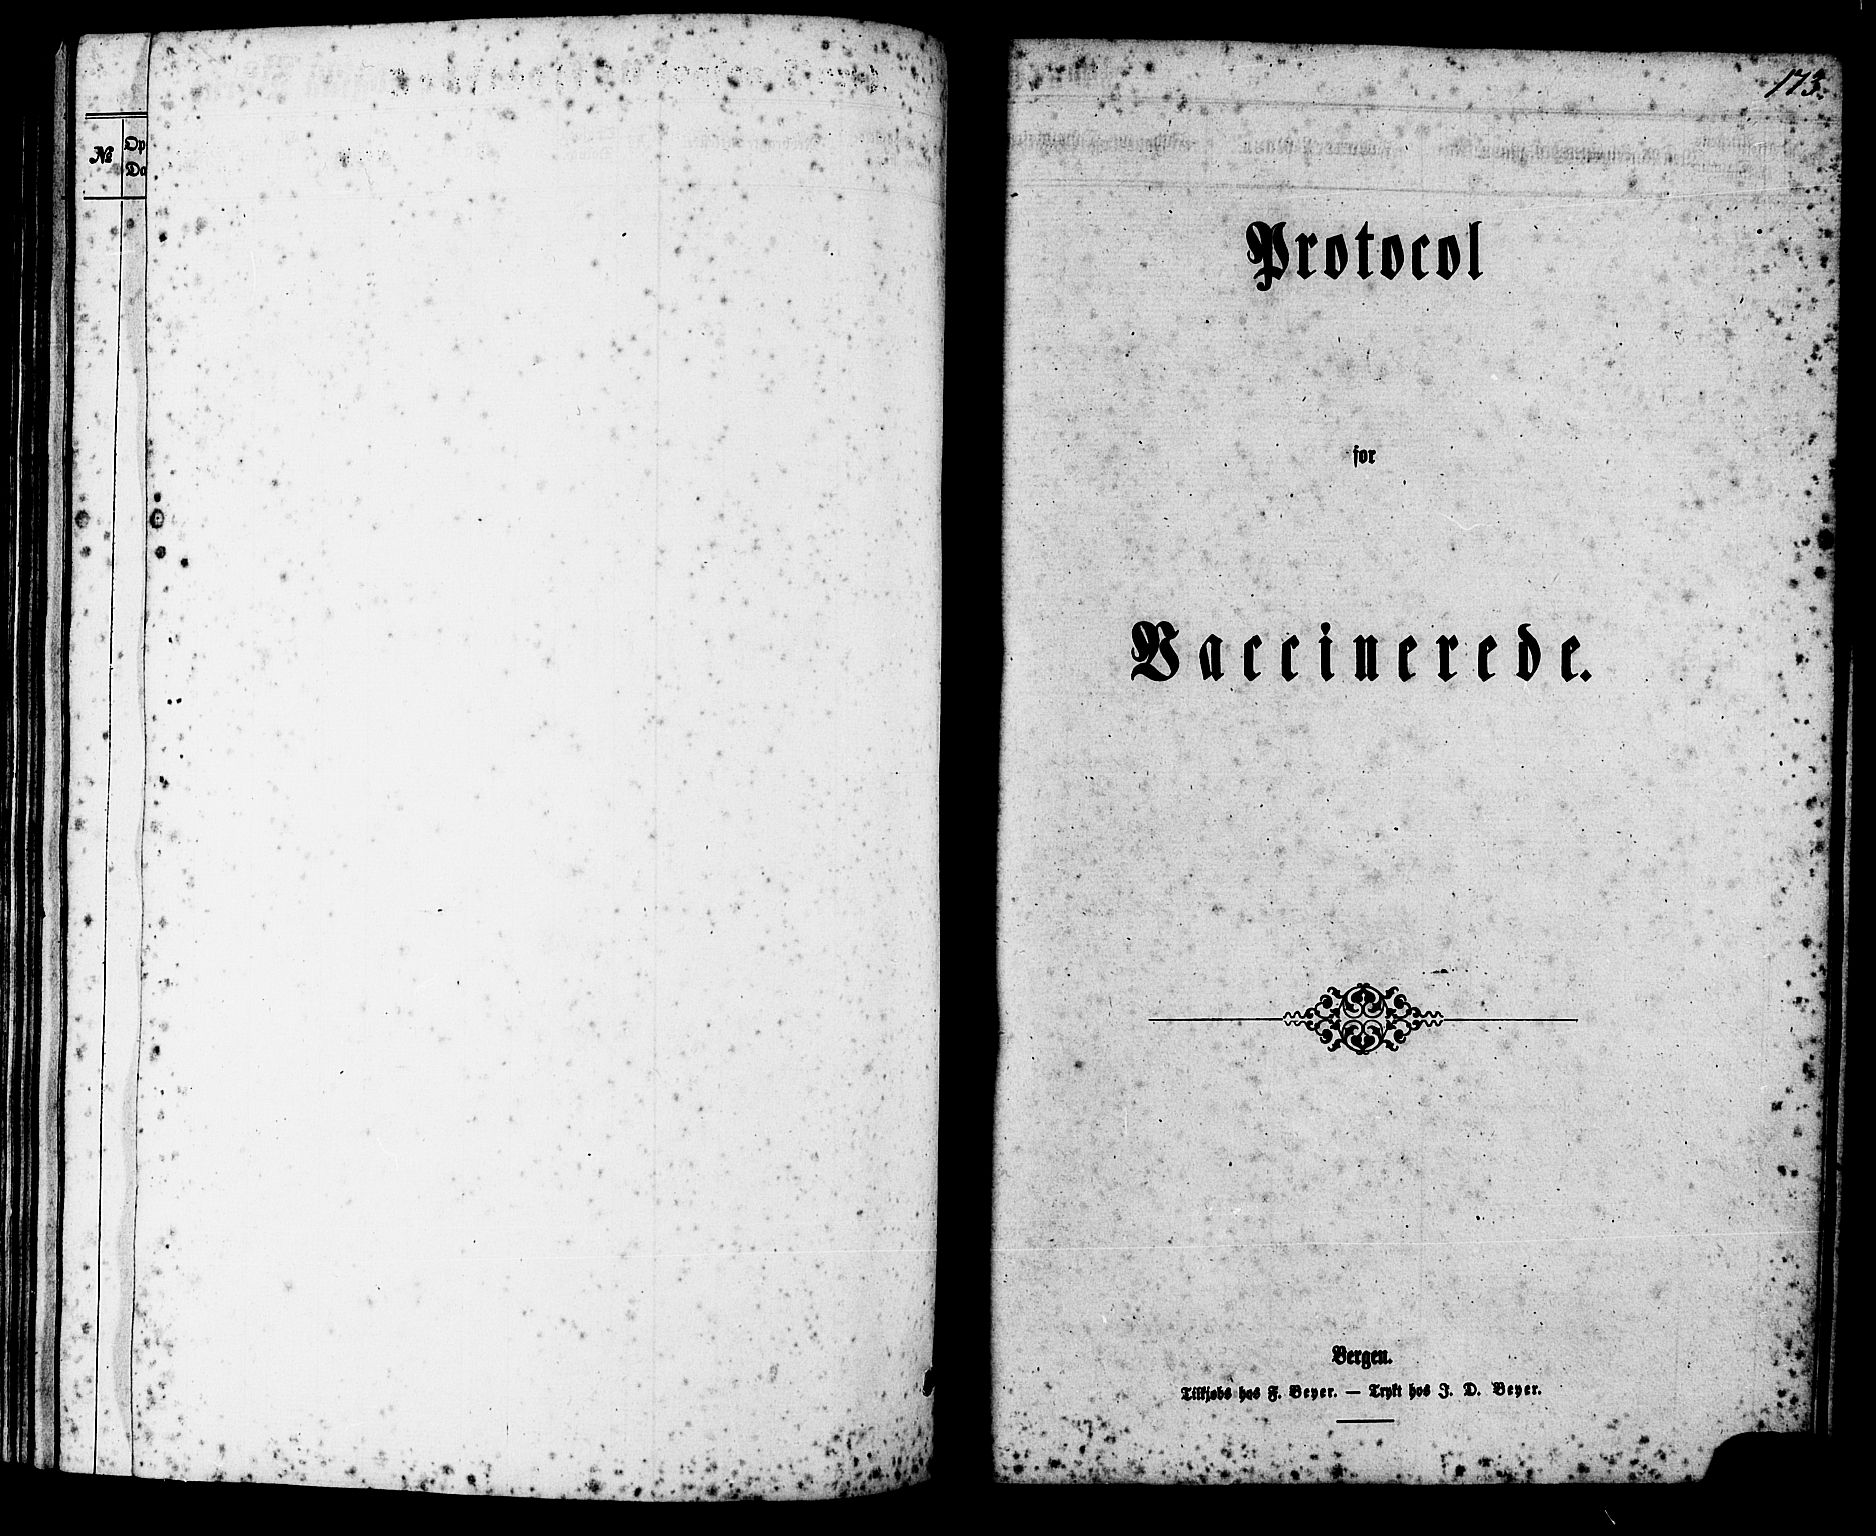 SAT, Ministerialprotokoller, klokkerbøker og fødselsregistre - Møre og Romsdal, 537/L0518: Ministerialbok nr. 537A02, 1862-1876, s. 173